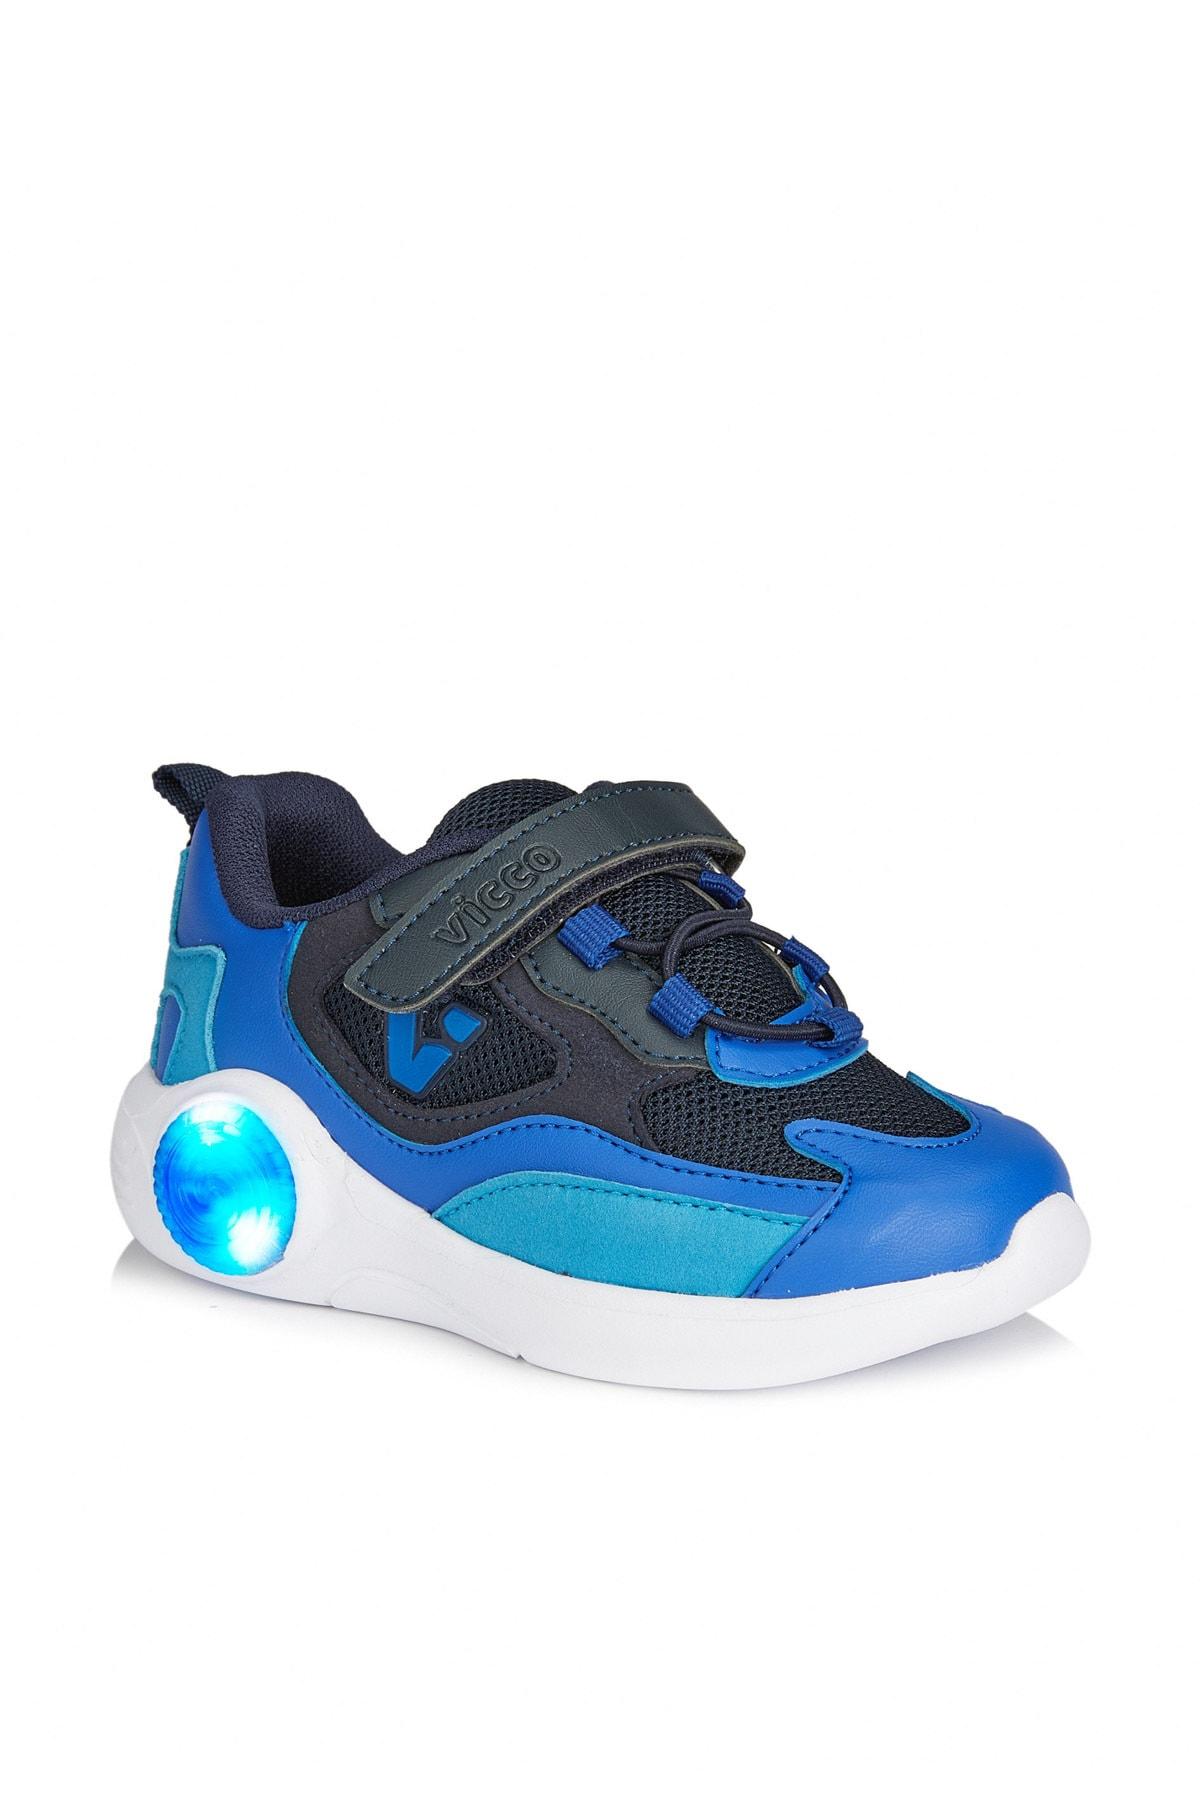 Vicco Yoda Erkek Bebe Lacivert Spor Ayakkabı 1